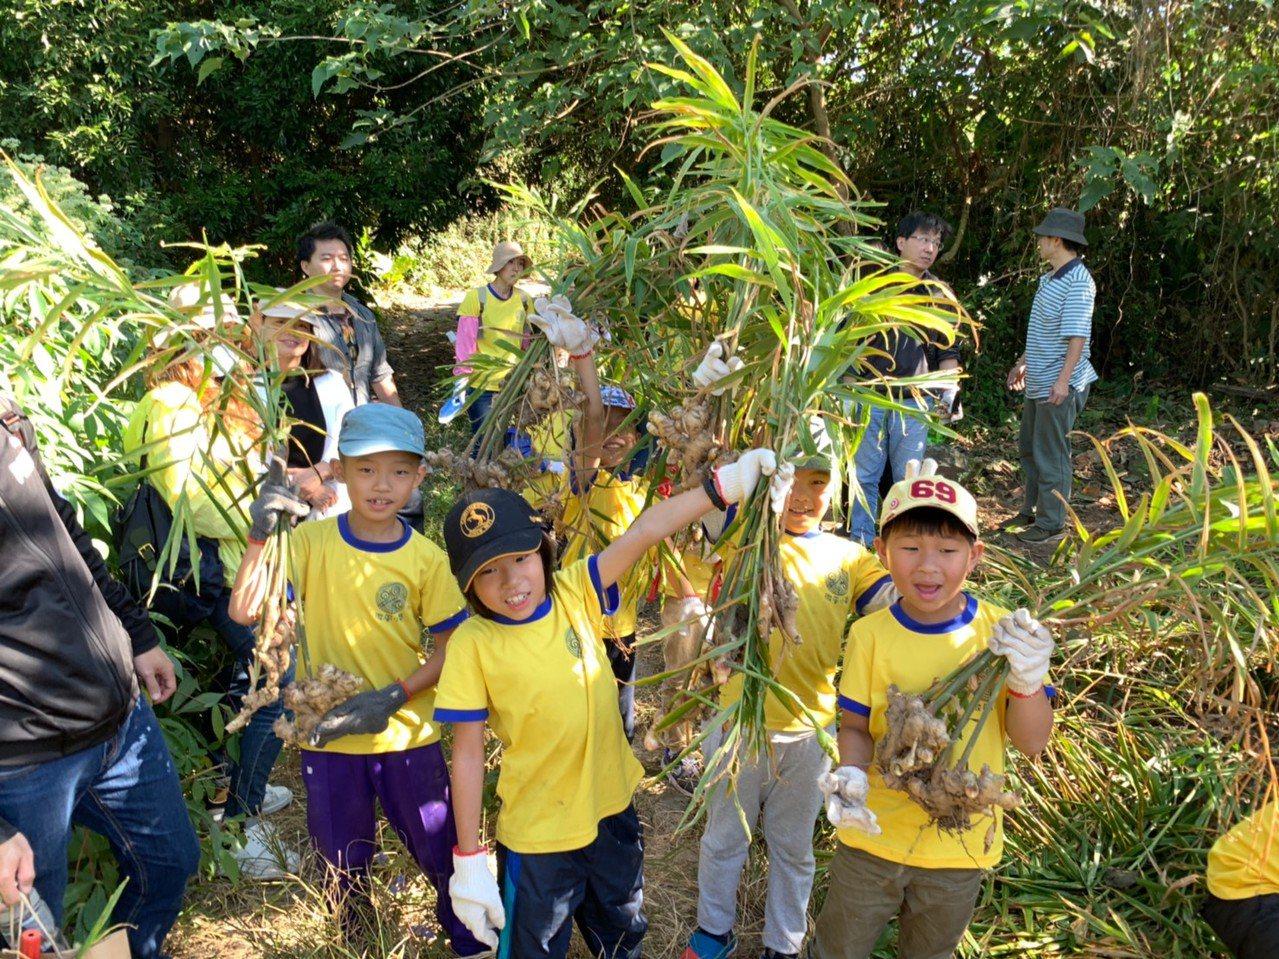 南大附小彩虹斑馬志工隊到南化探索薑田,了解薑的知識。圖/南大附小提供